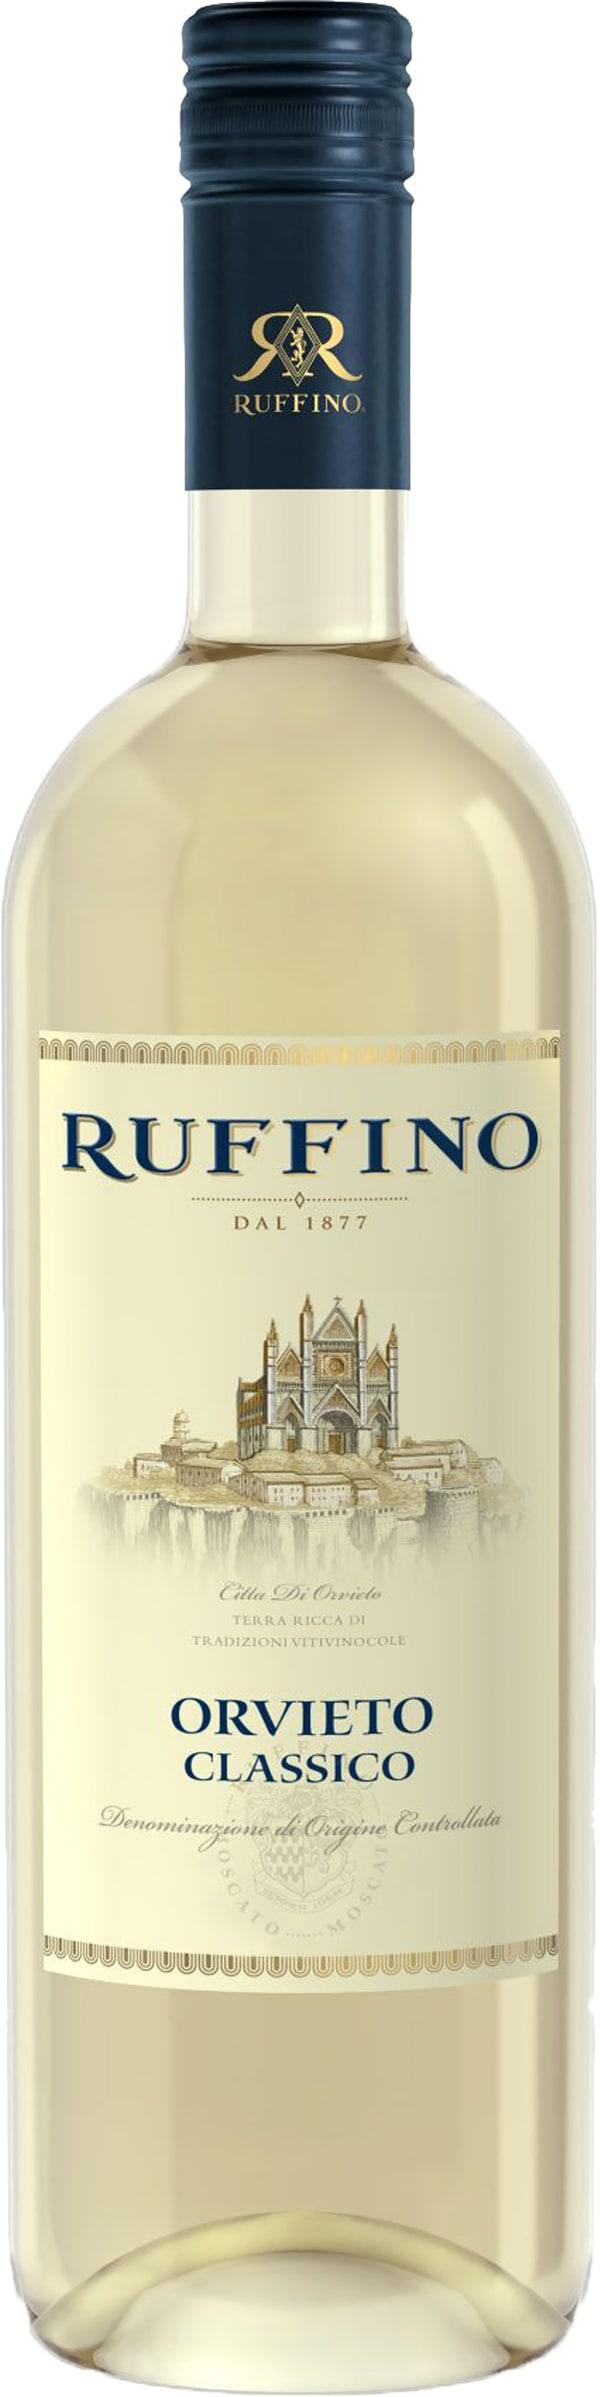 Ruffino Orvieto Classico 2016